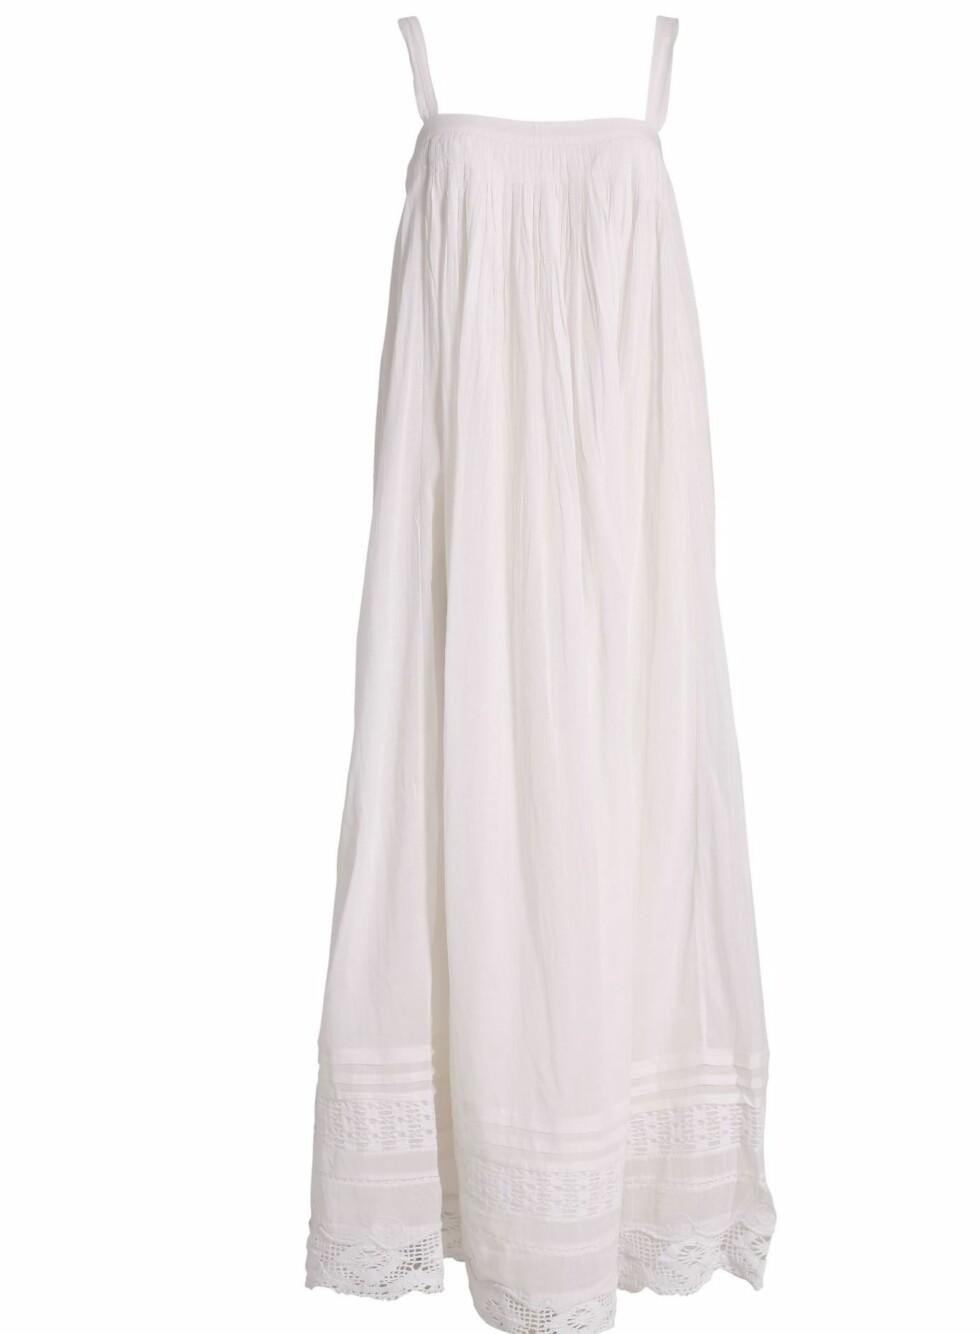 Lang og romantisk kjole (kr 2195, By Malene Birger/Nelly.com).